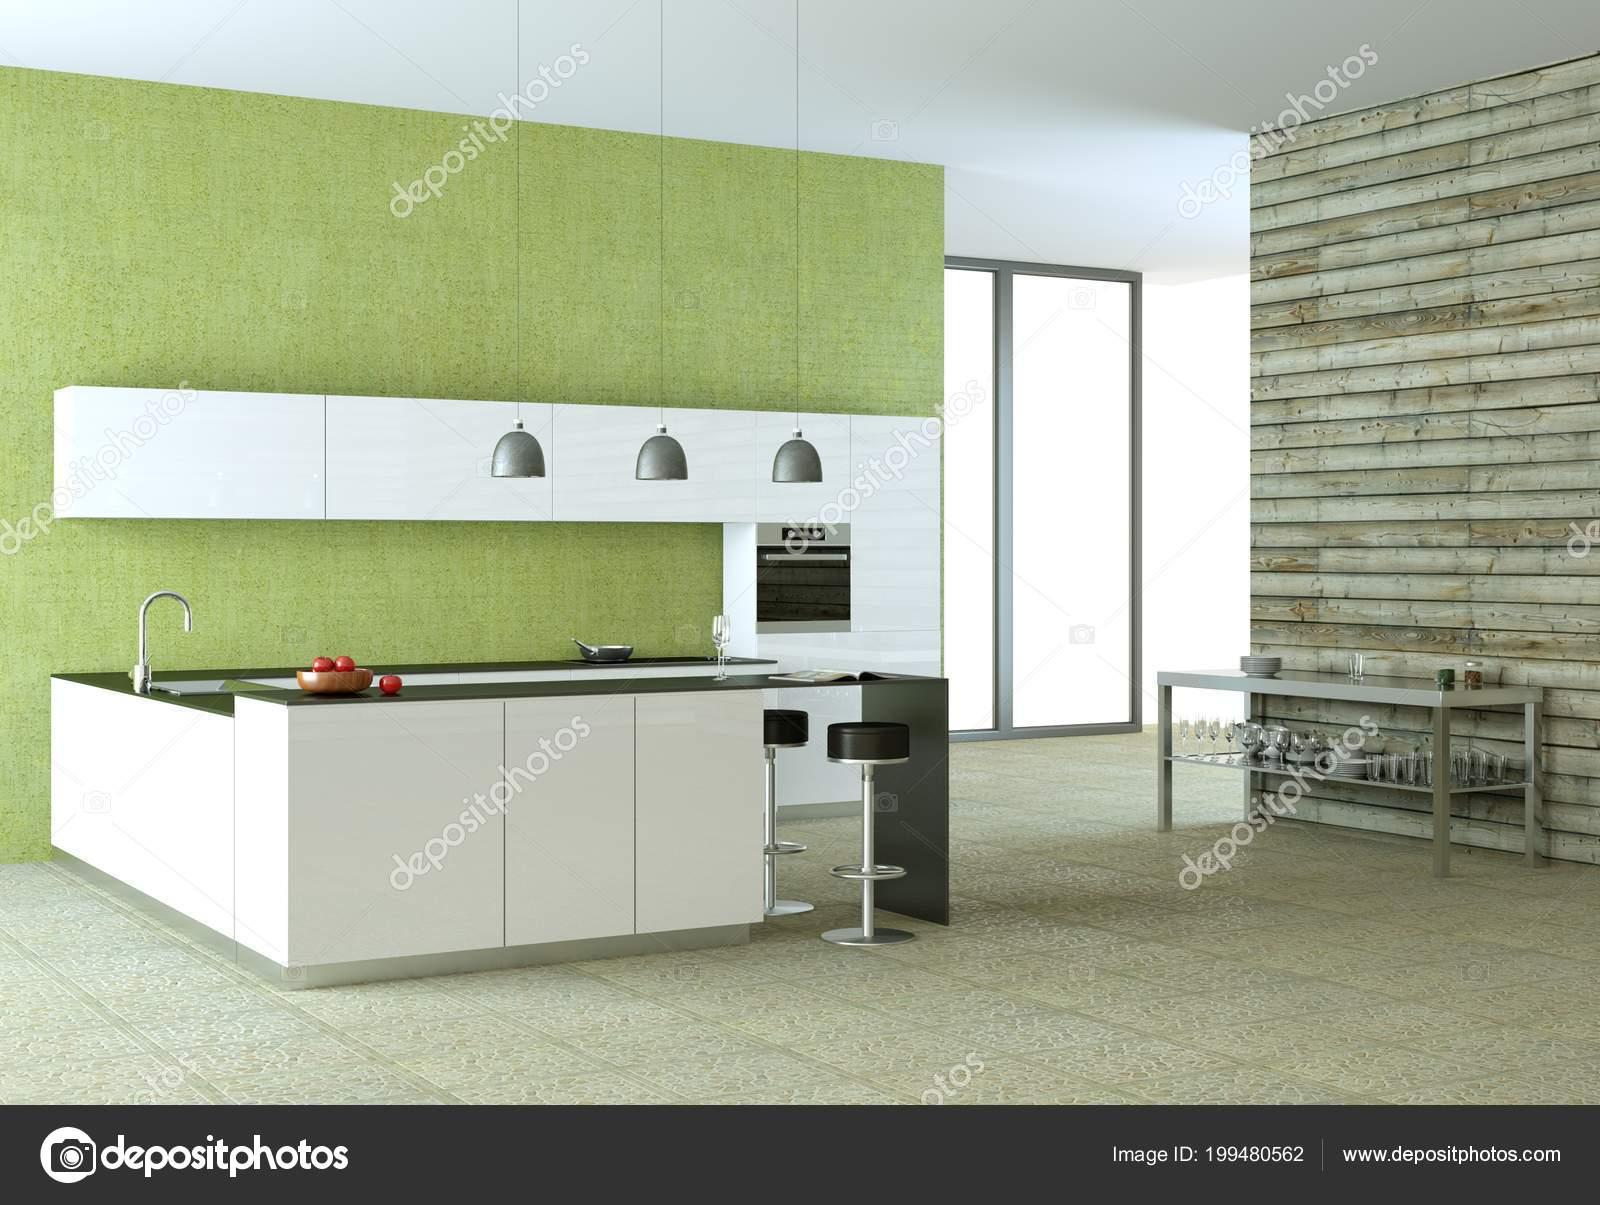 Cuisine moderne blanc avec un papier peint vert photographie virtua73 199480562 - Papier peint cuisine moderne ...